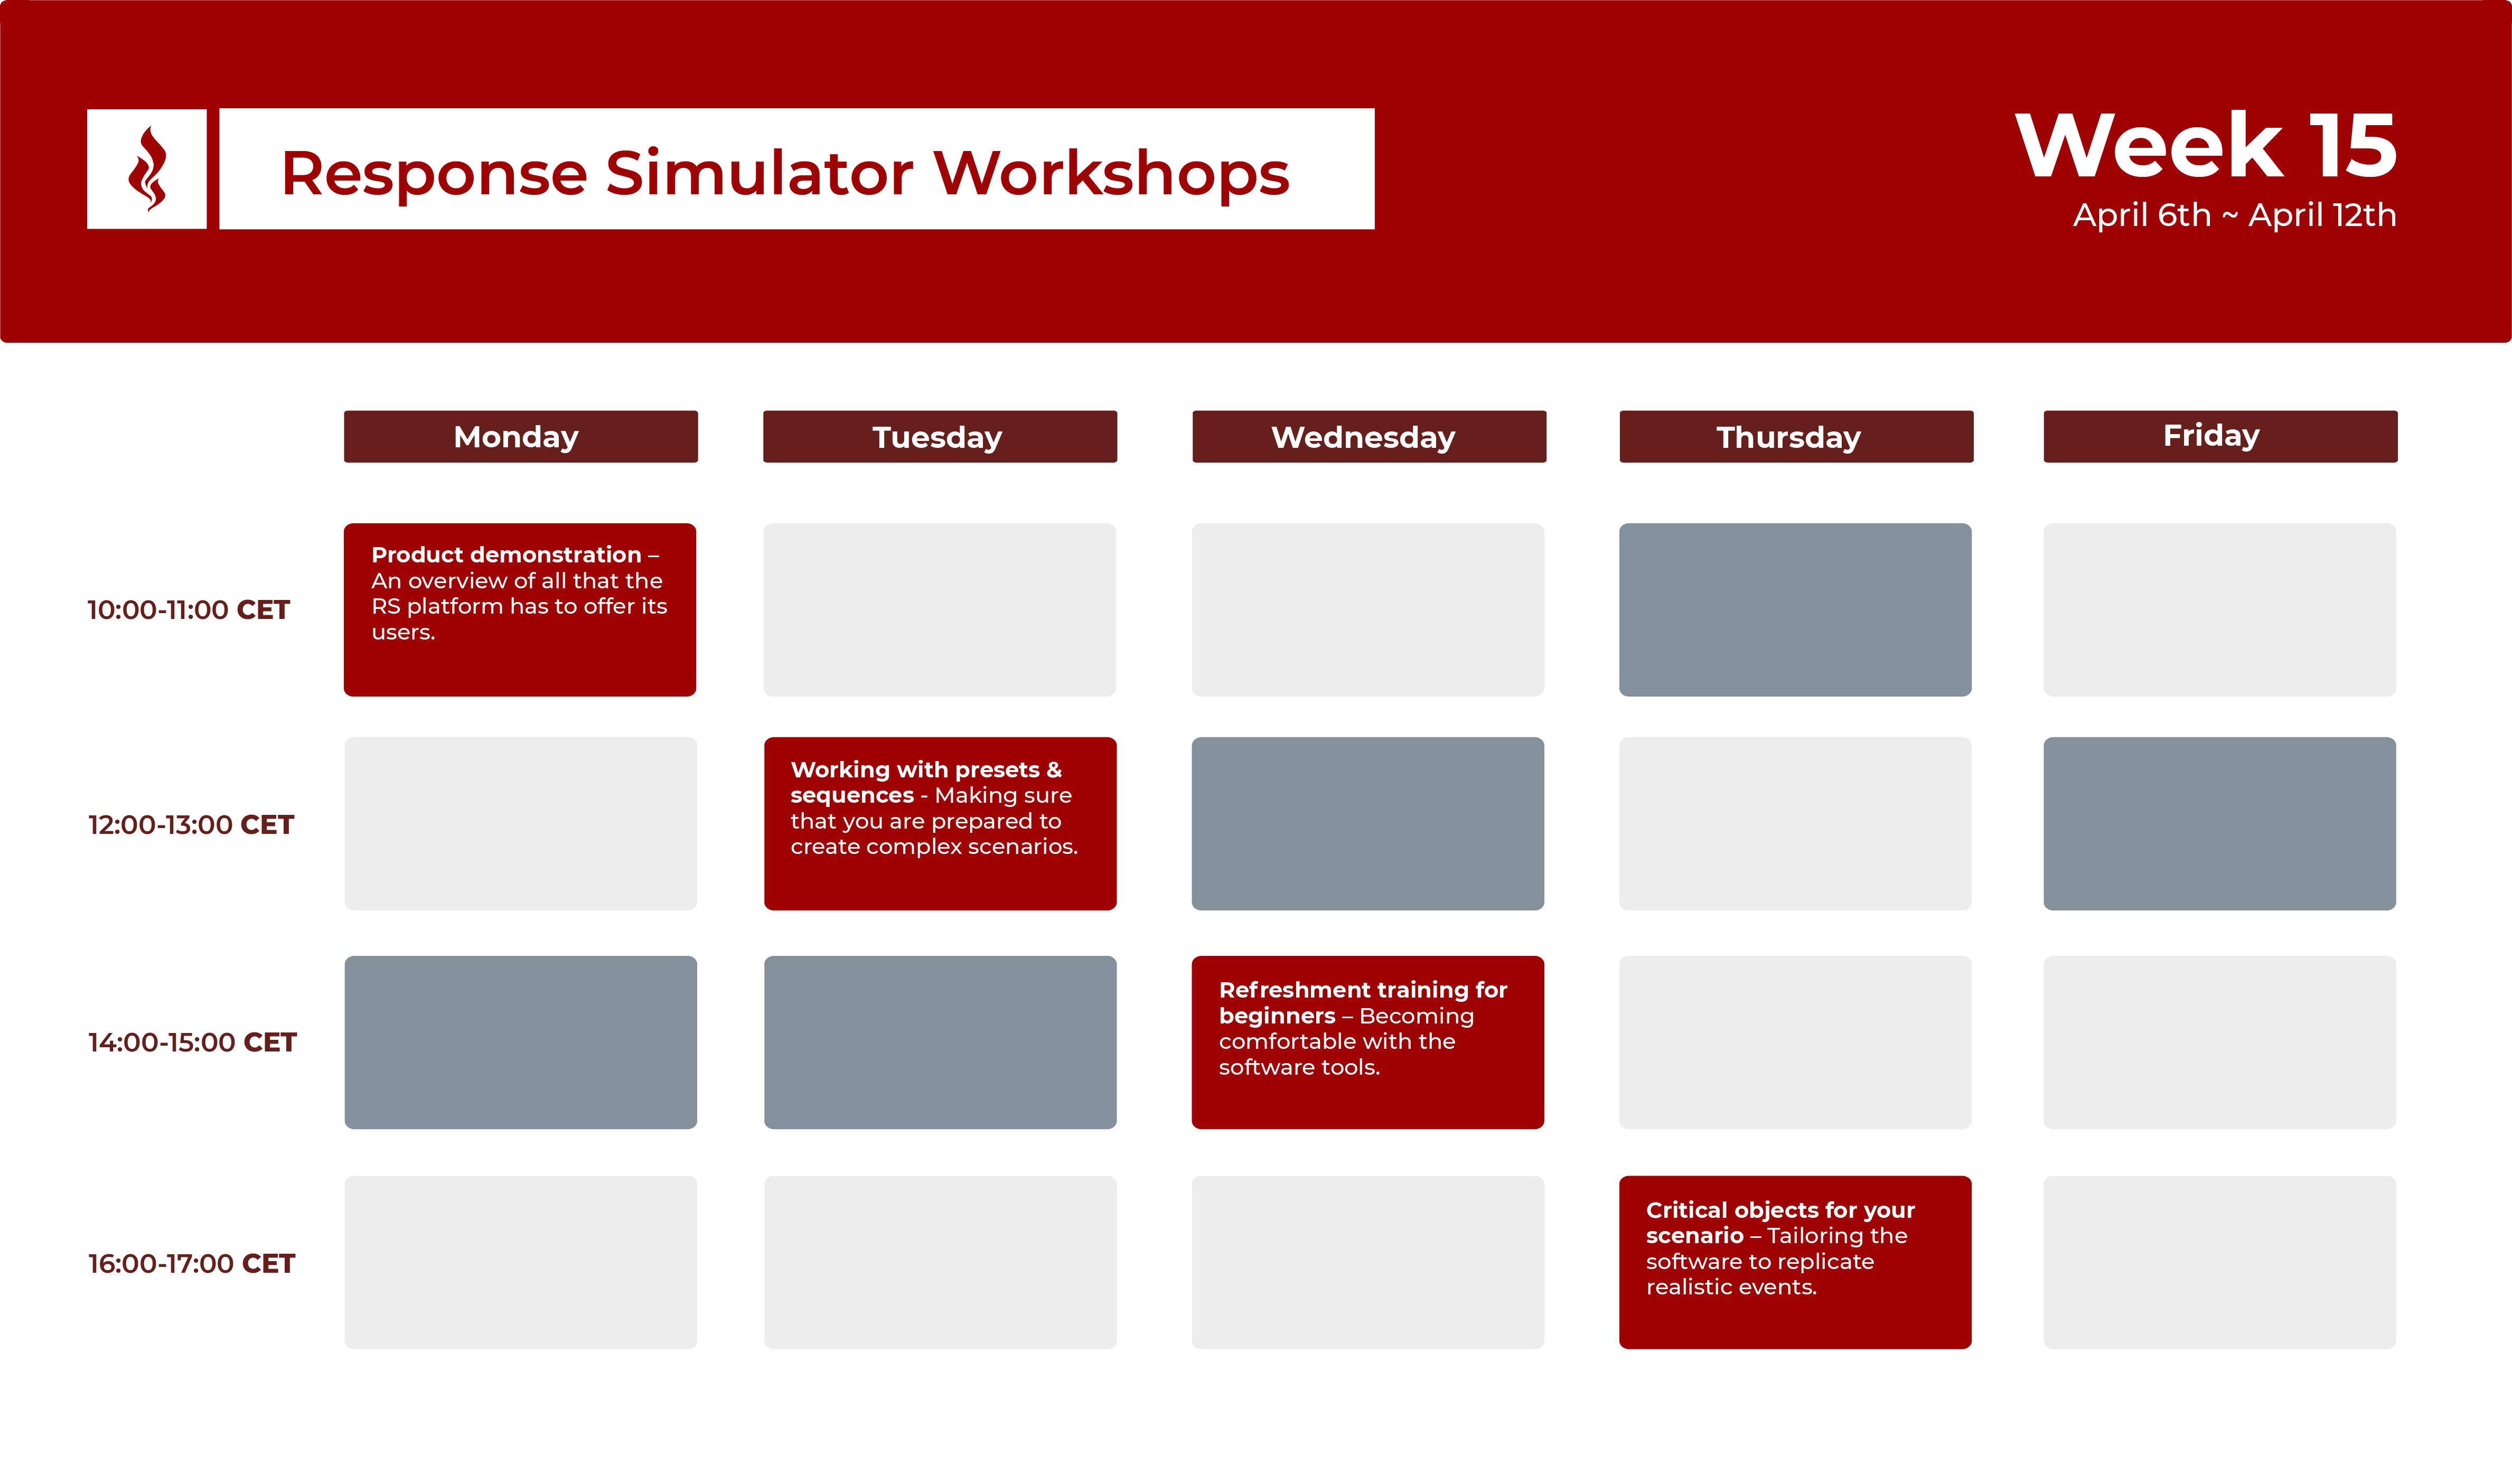 Response Simulator Workshops - Week 15